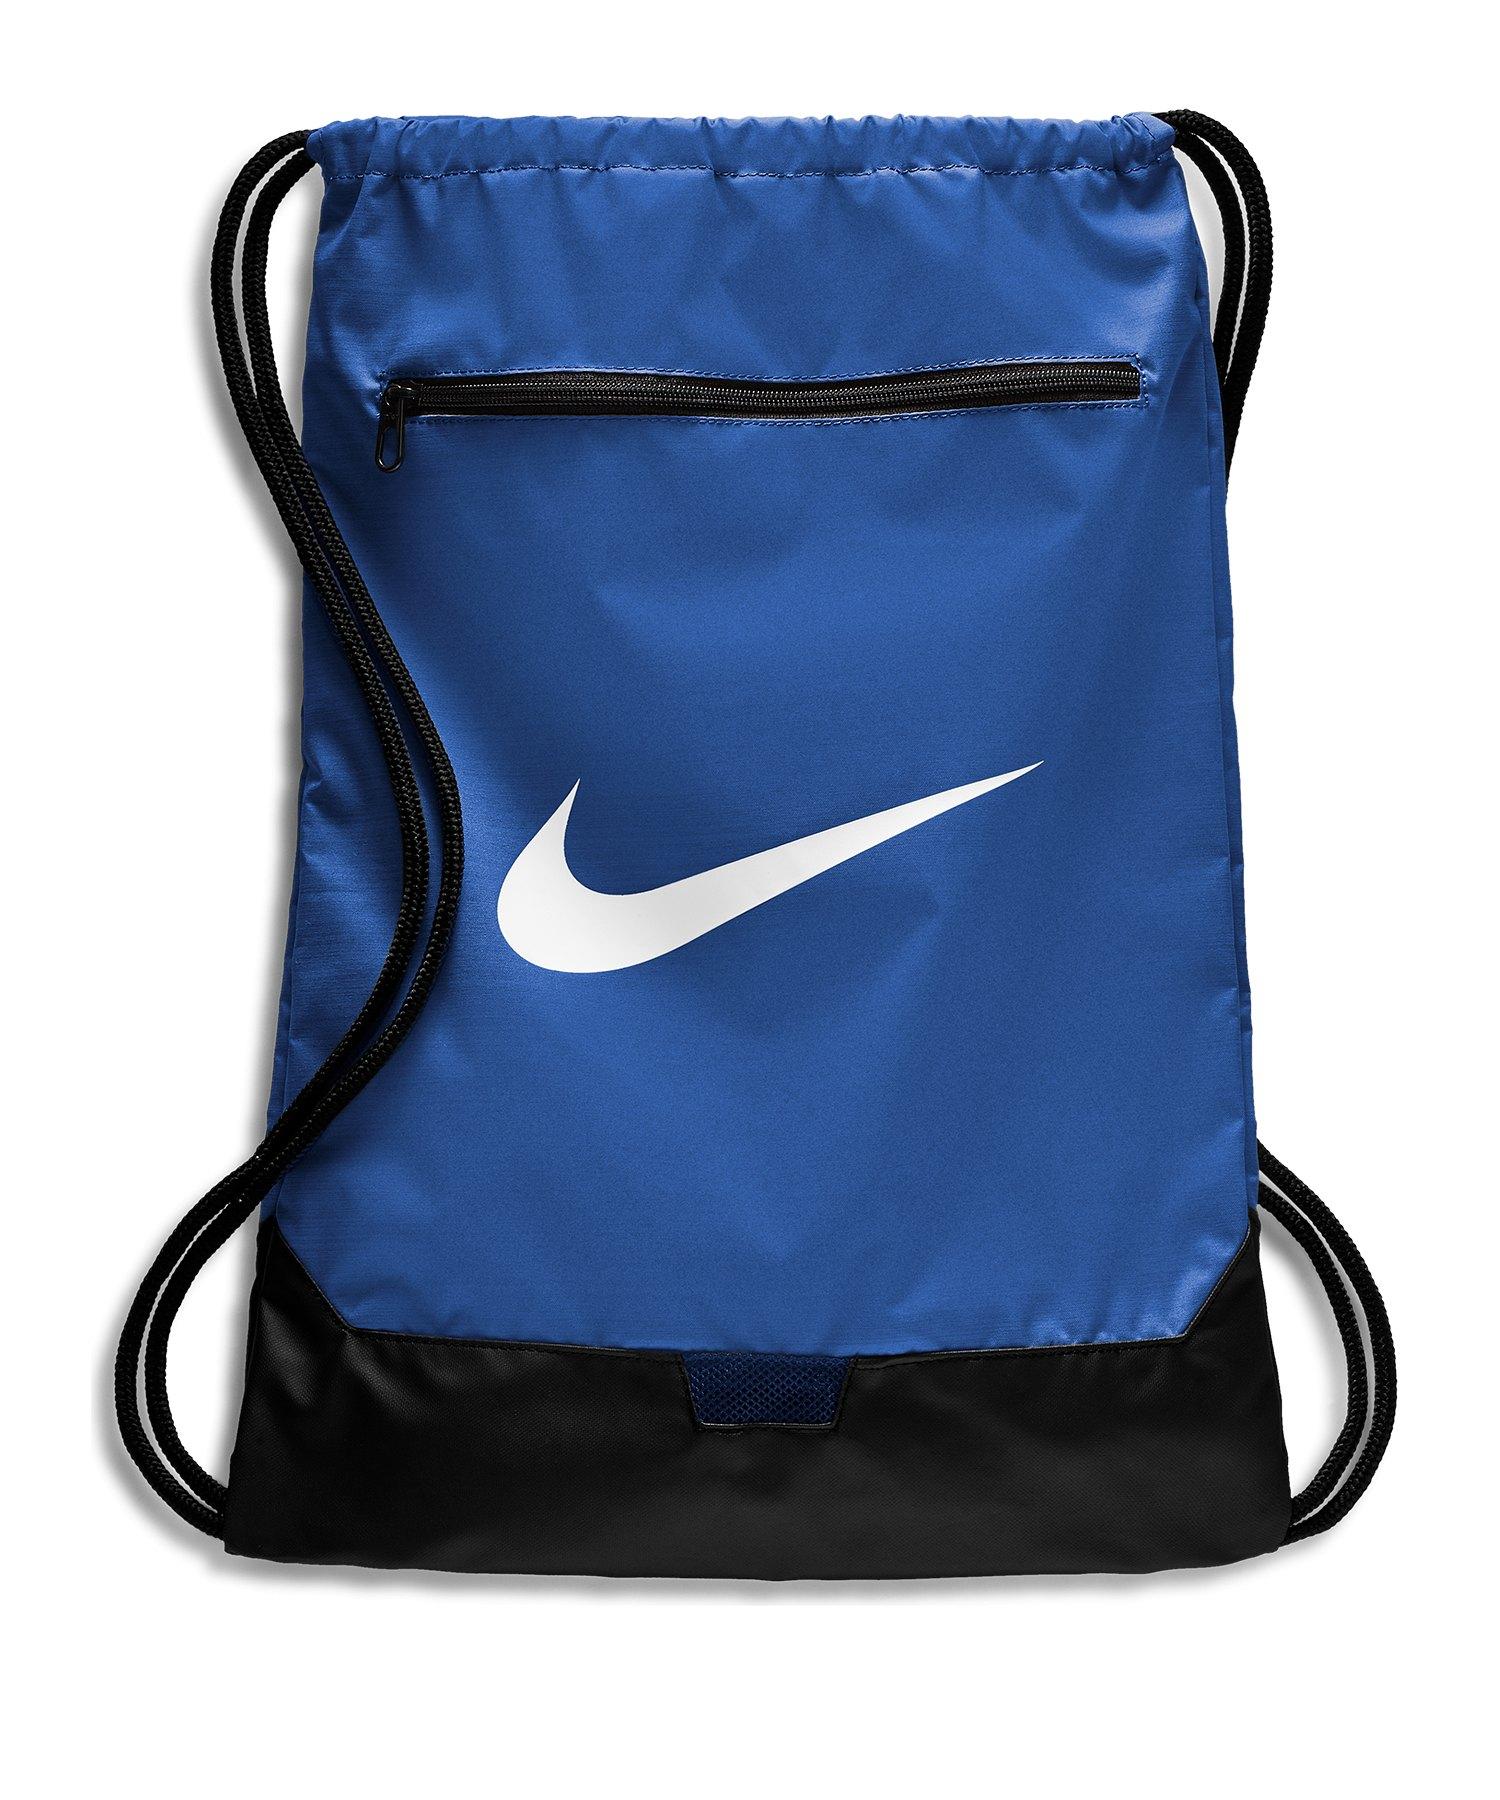 Nike Brasilia 9.0 Gymsack Blau F480 - blau